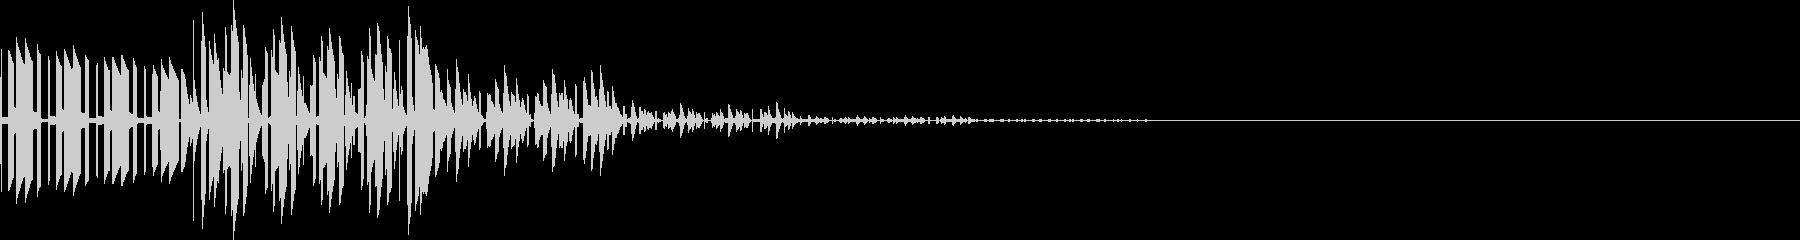 ブブン(キャンセル、電子モニタ表示)の未再生の波形